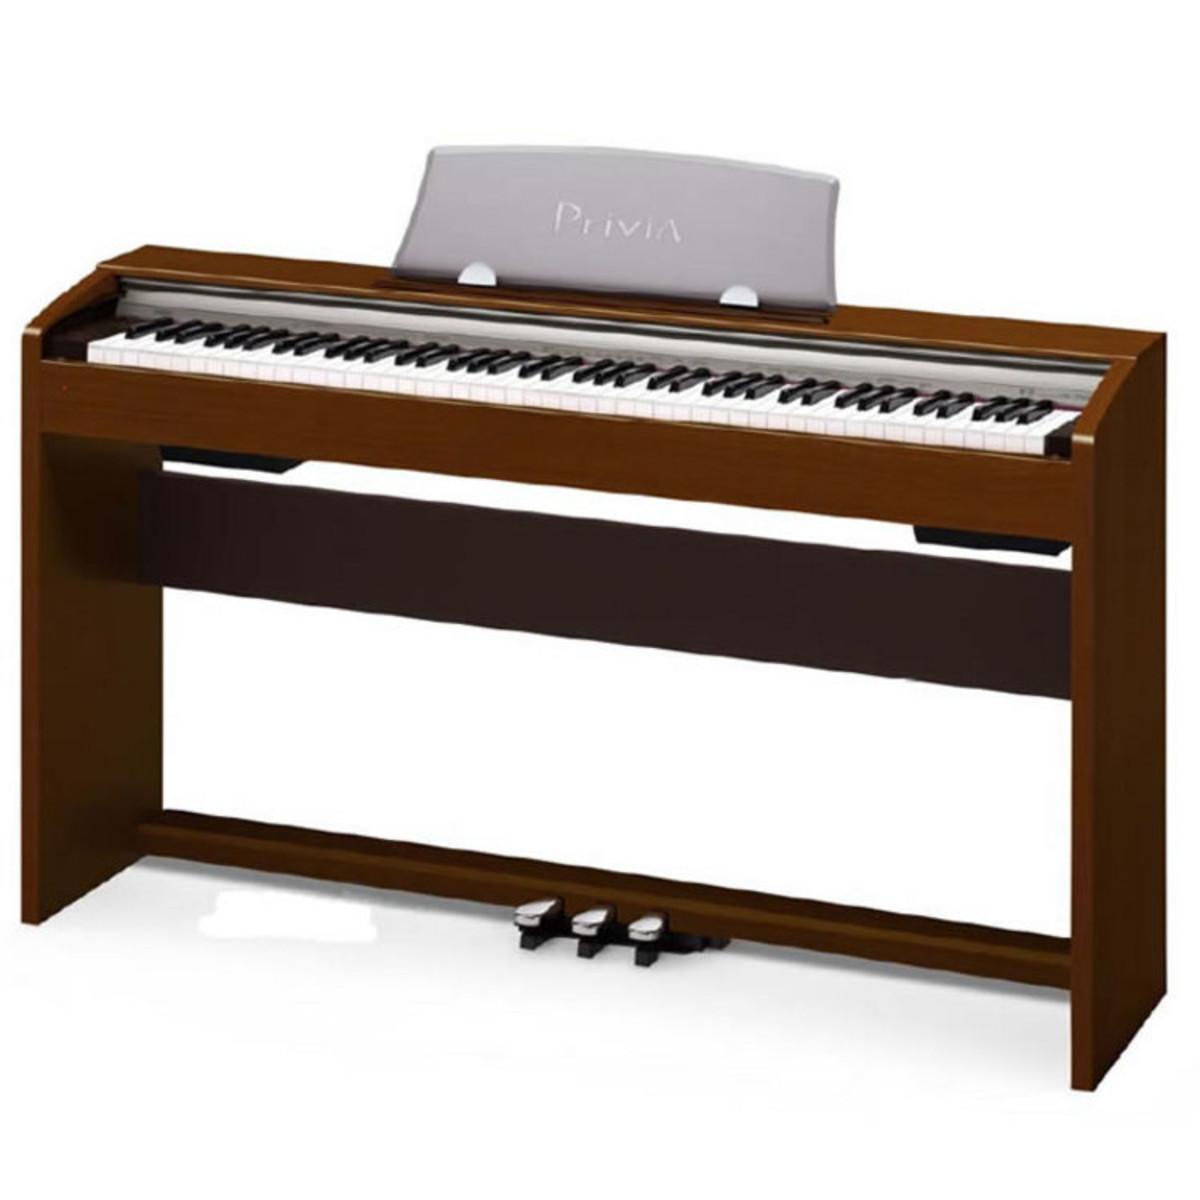 Casio privia px 730 pianoforte digitale cherry ex demo for 730 precompilato accedi